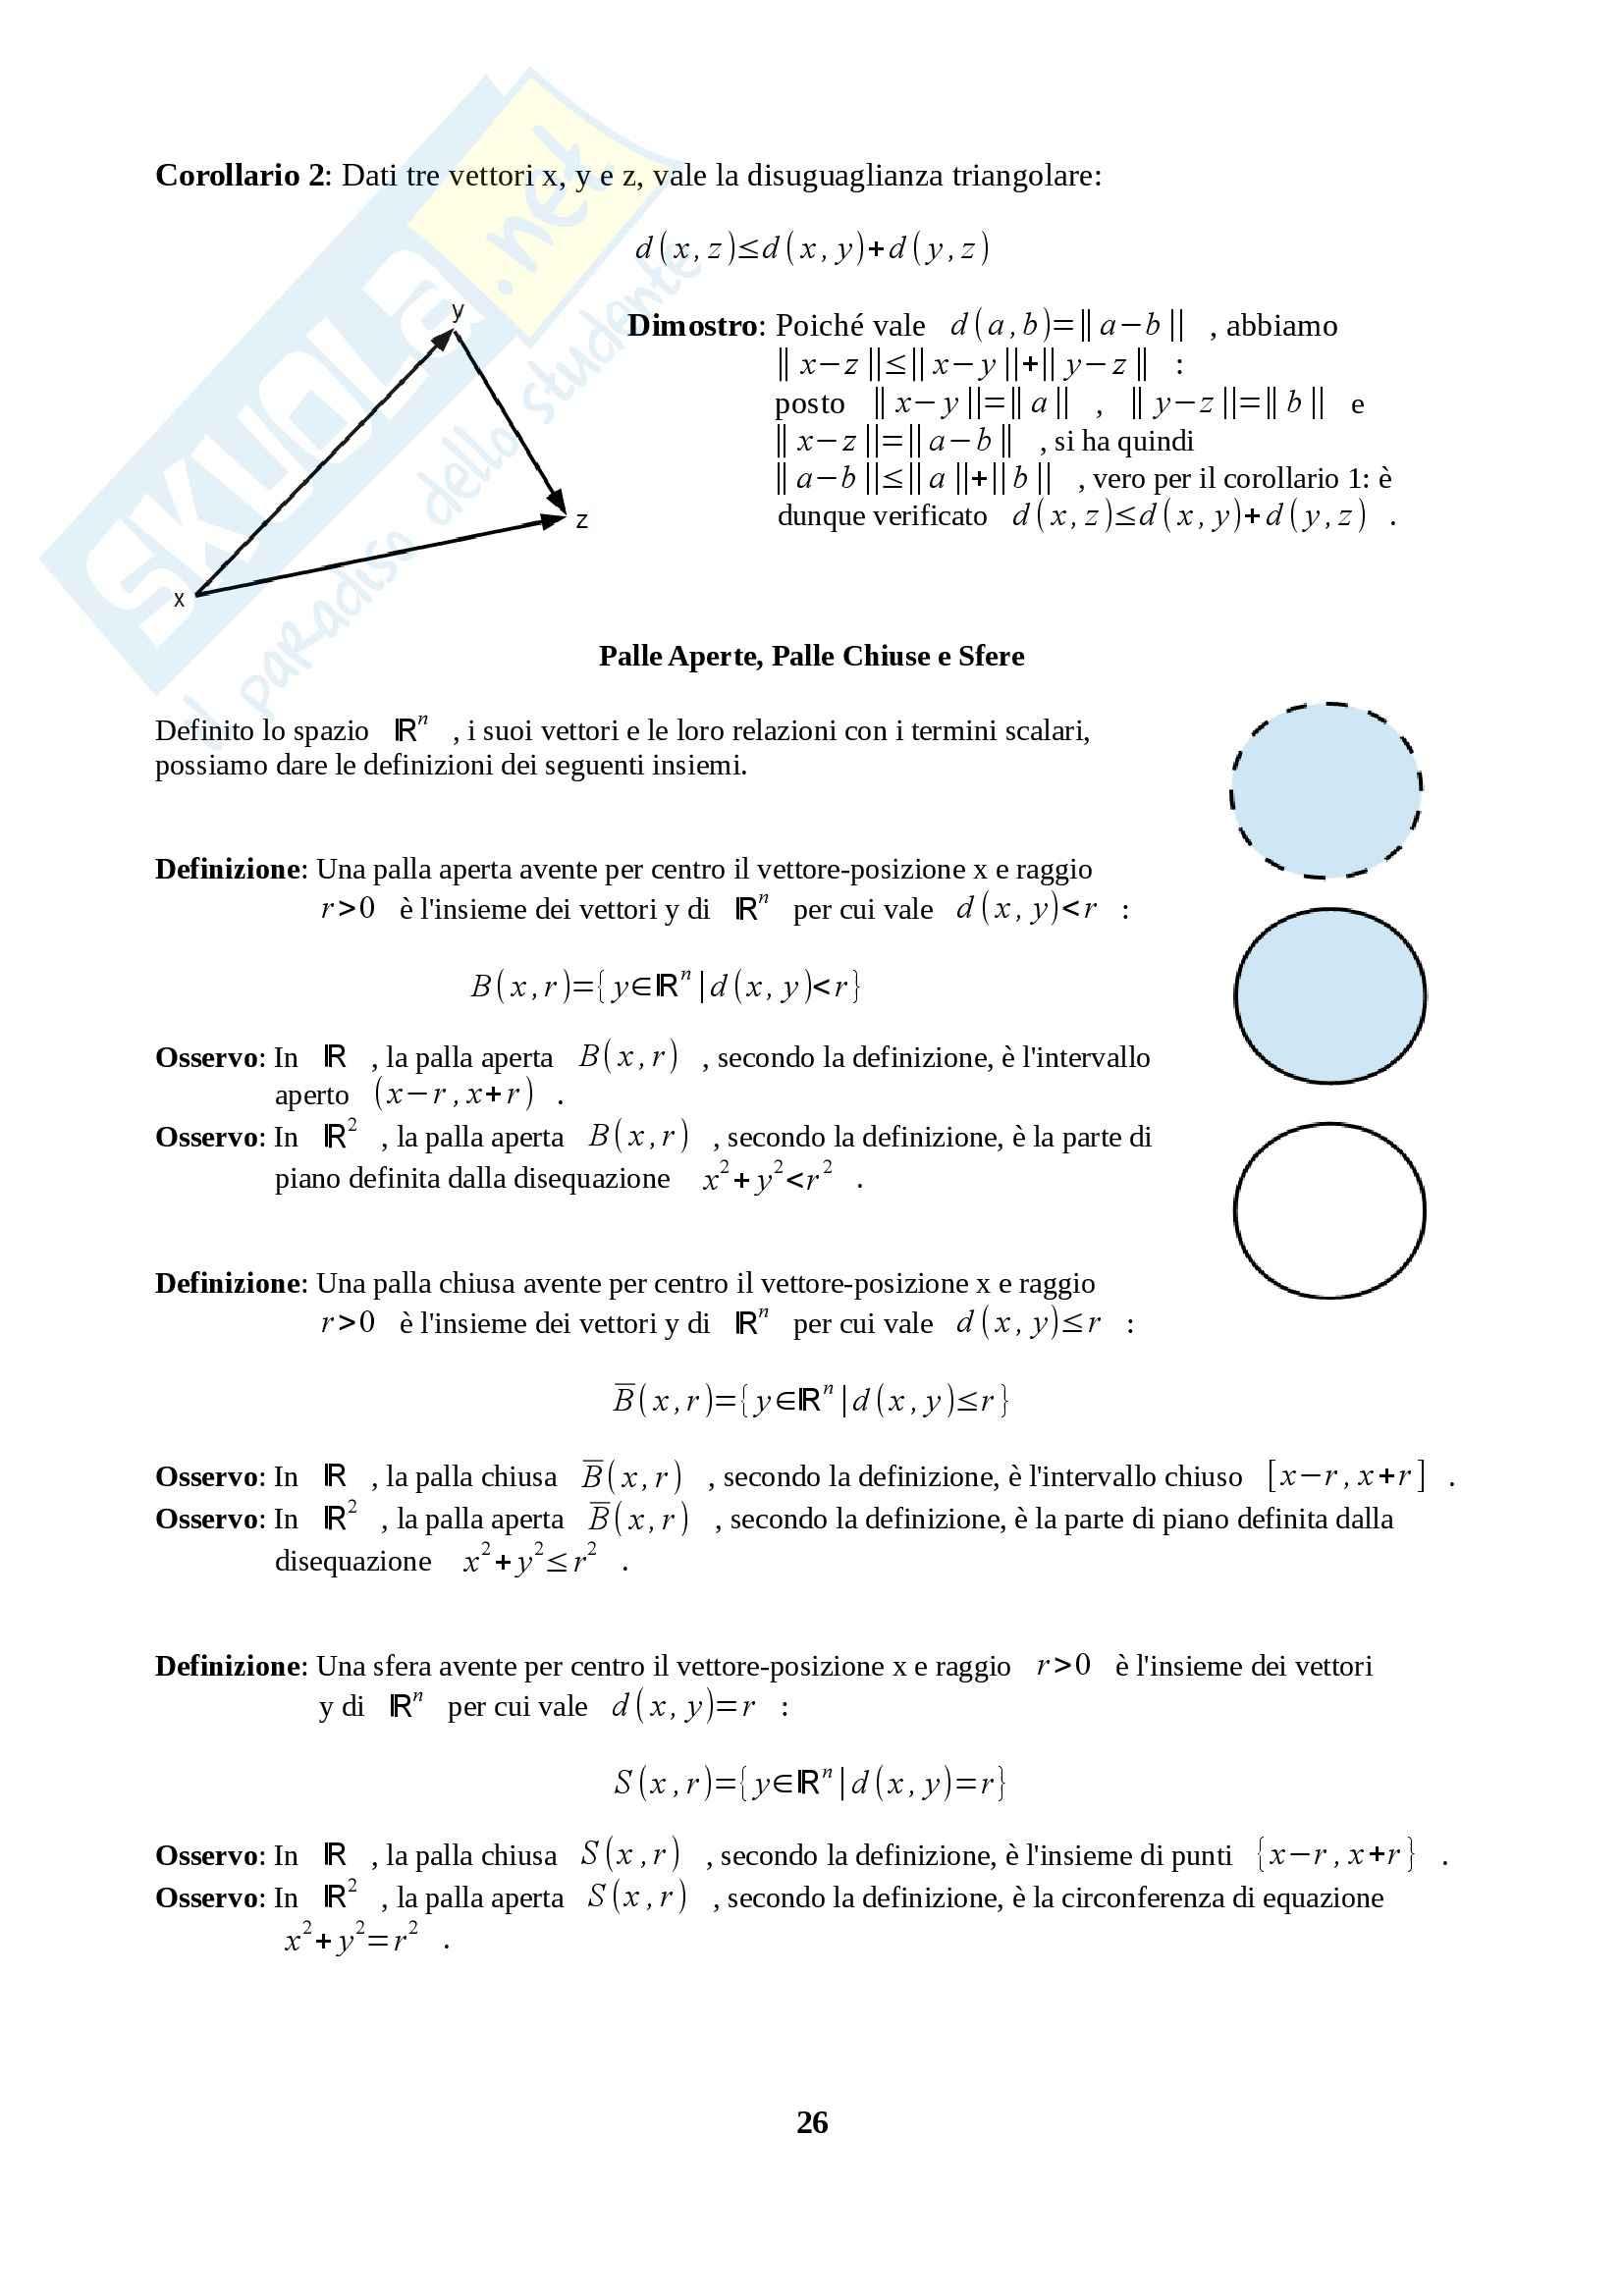 Fondamenti di Analisi 1 per l'Ingegneria - Appunti Pag. 26